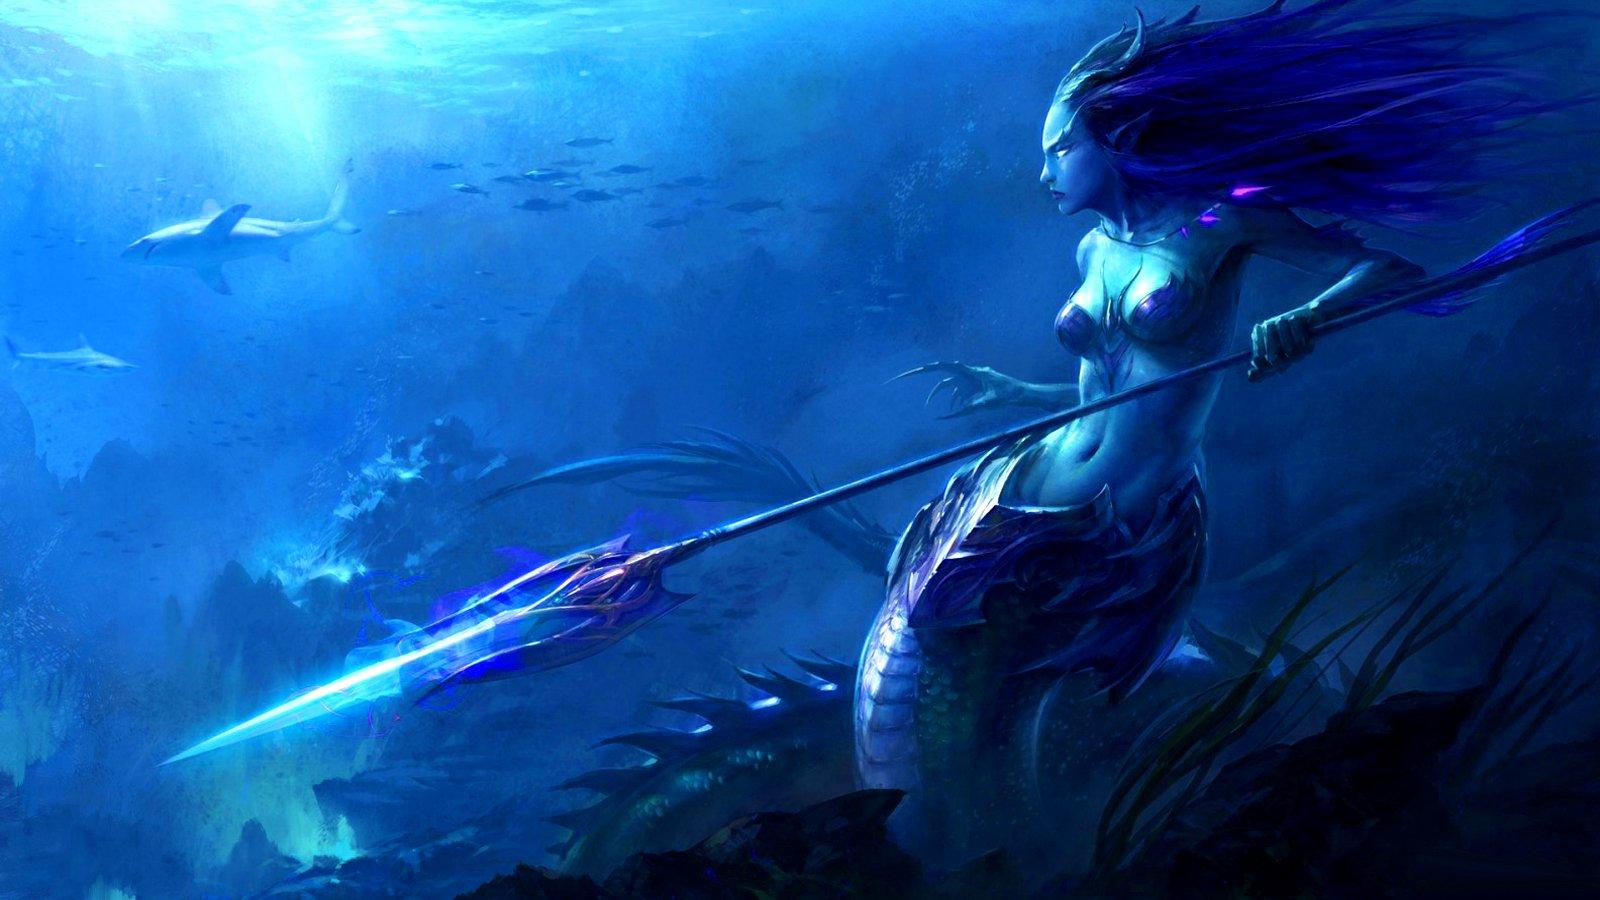 Fondos De Pantalla De Sirenas Hermosas, Wallpapers HD Gratis